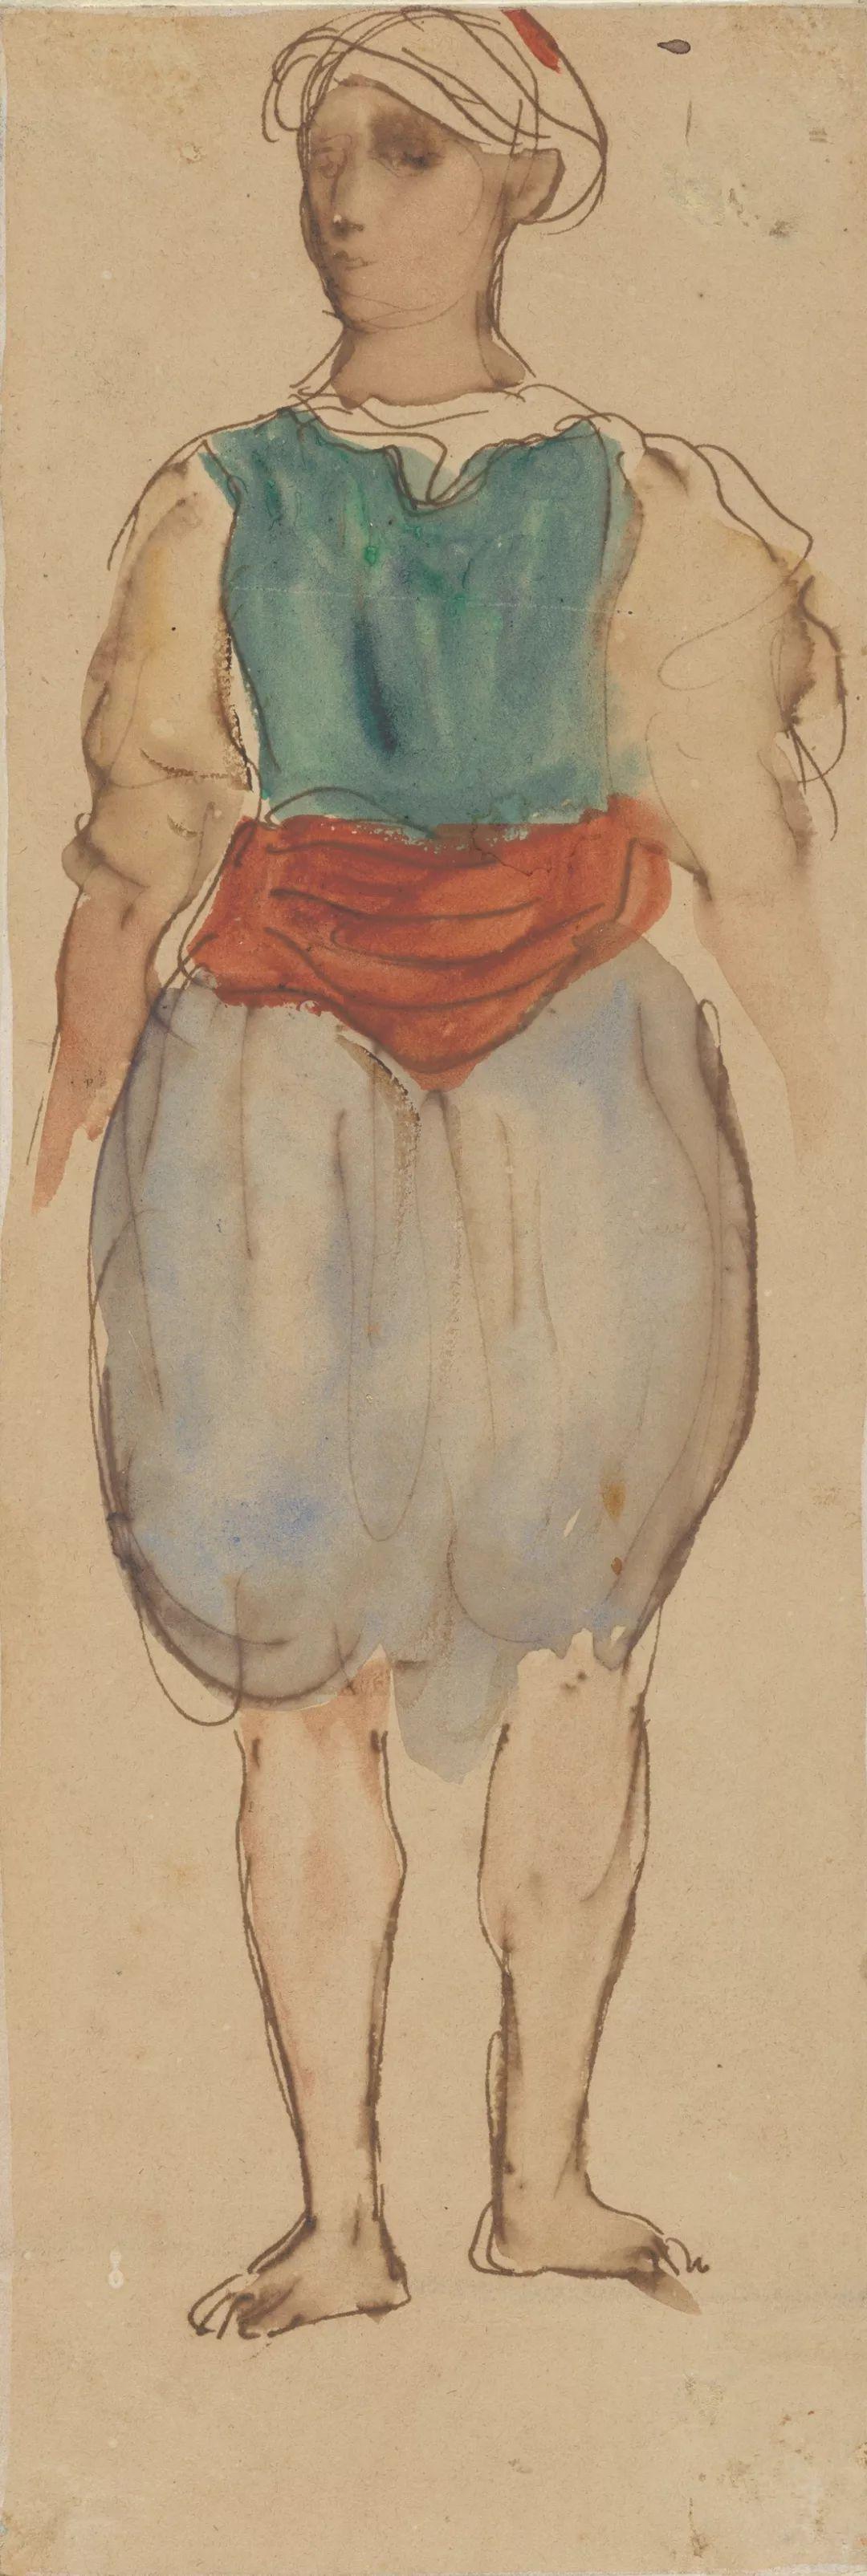 """他被称为""""浪漫主义的狮子"""",大师手稿与创作123幅插图112"""